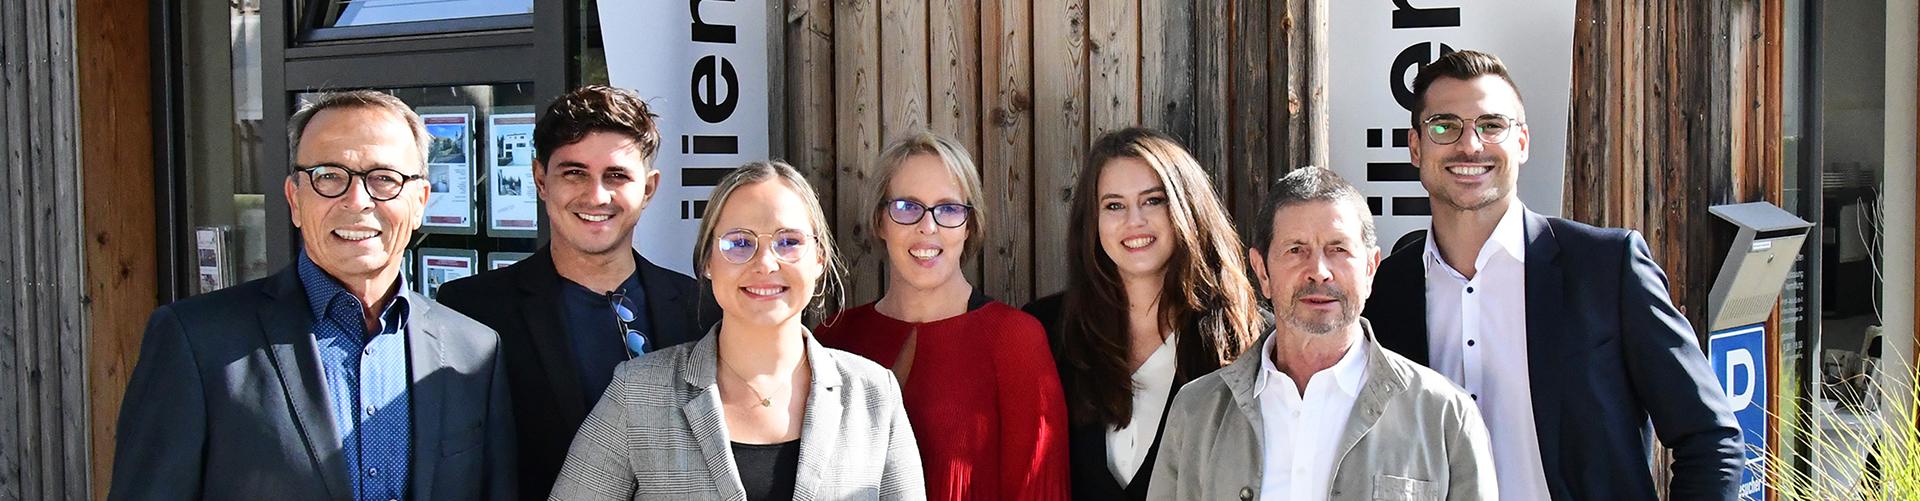 Gruppenfoto Team Ritte